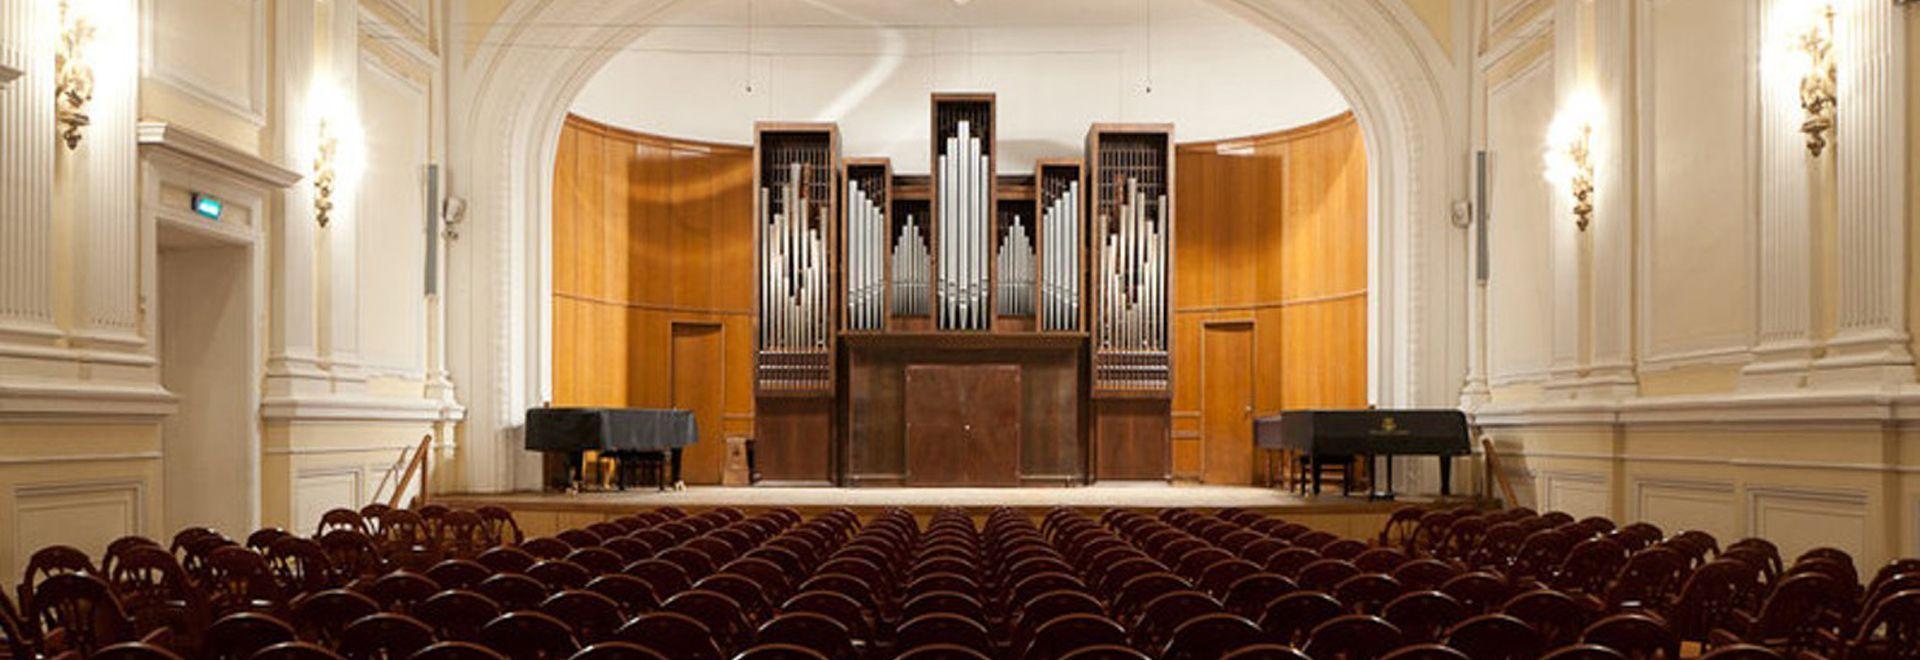 Малый зал консерватории схема зала фото 555